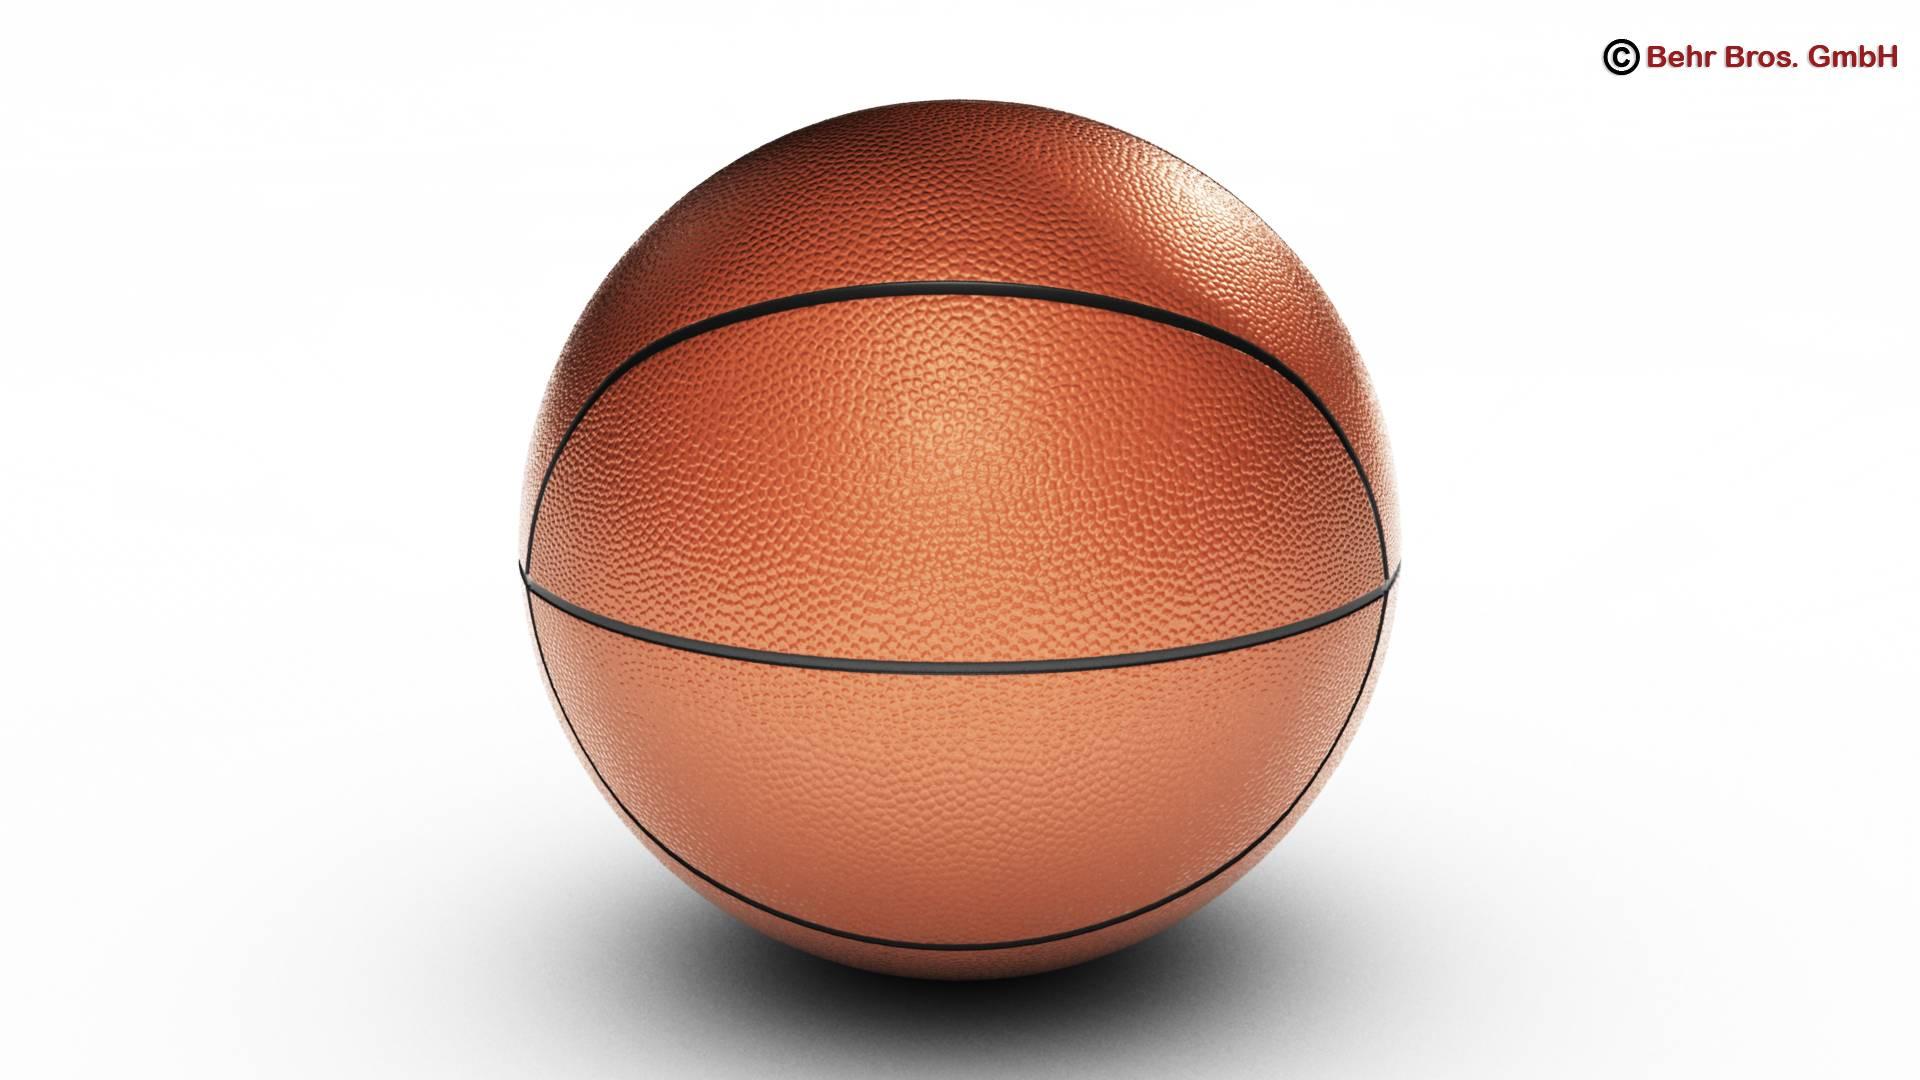 košarkaška arena v2 3d model 3ds max fbx c4d lwo ma mb obj 222372